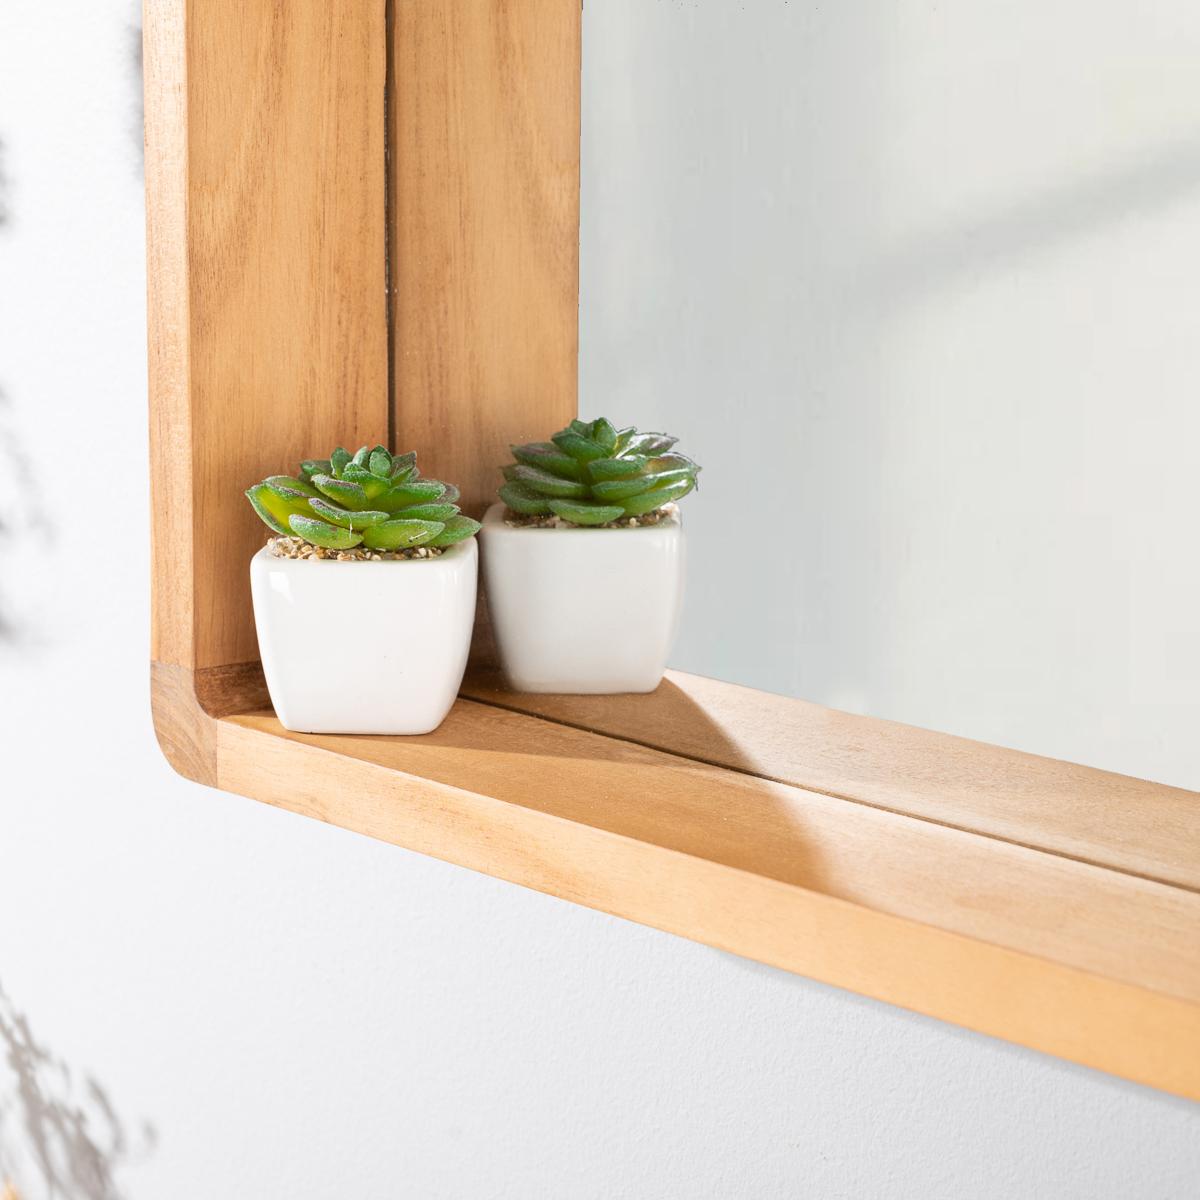 Miroir salle de bain miroir teck rectangulaire Samba 50 X 70 cm